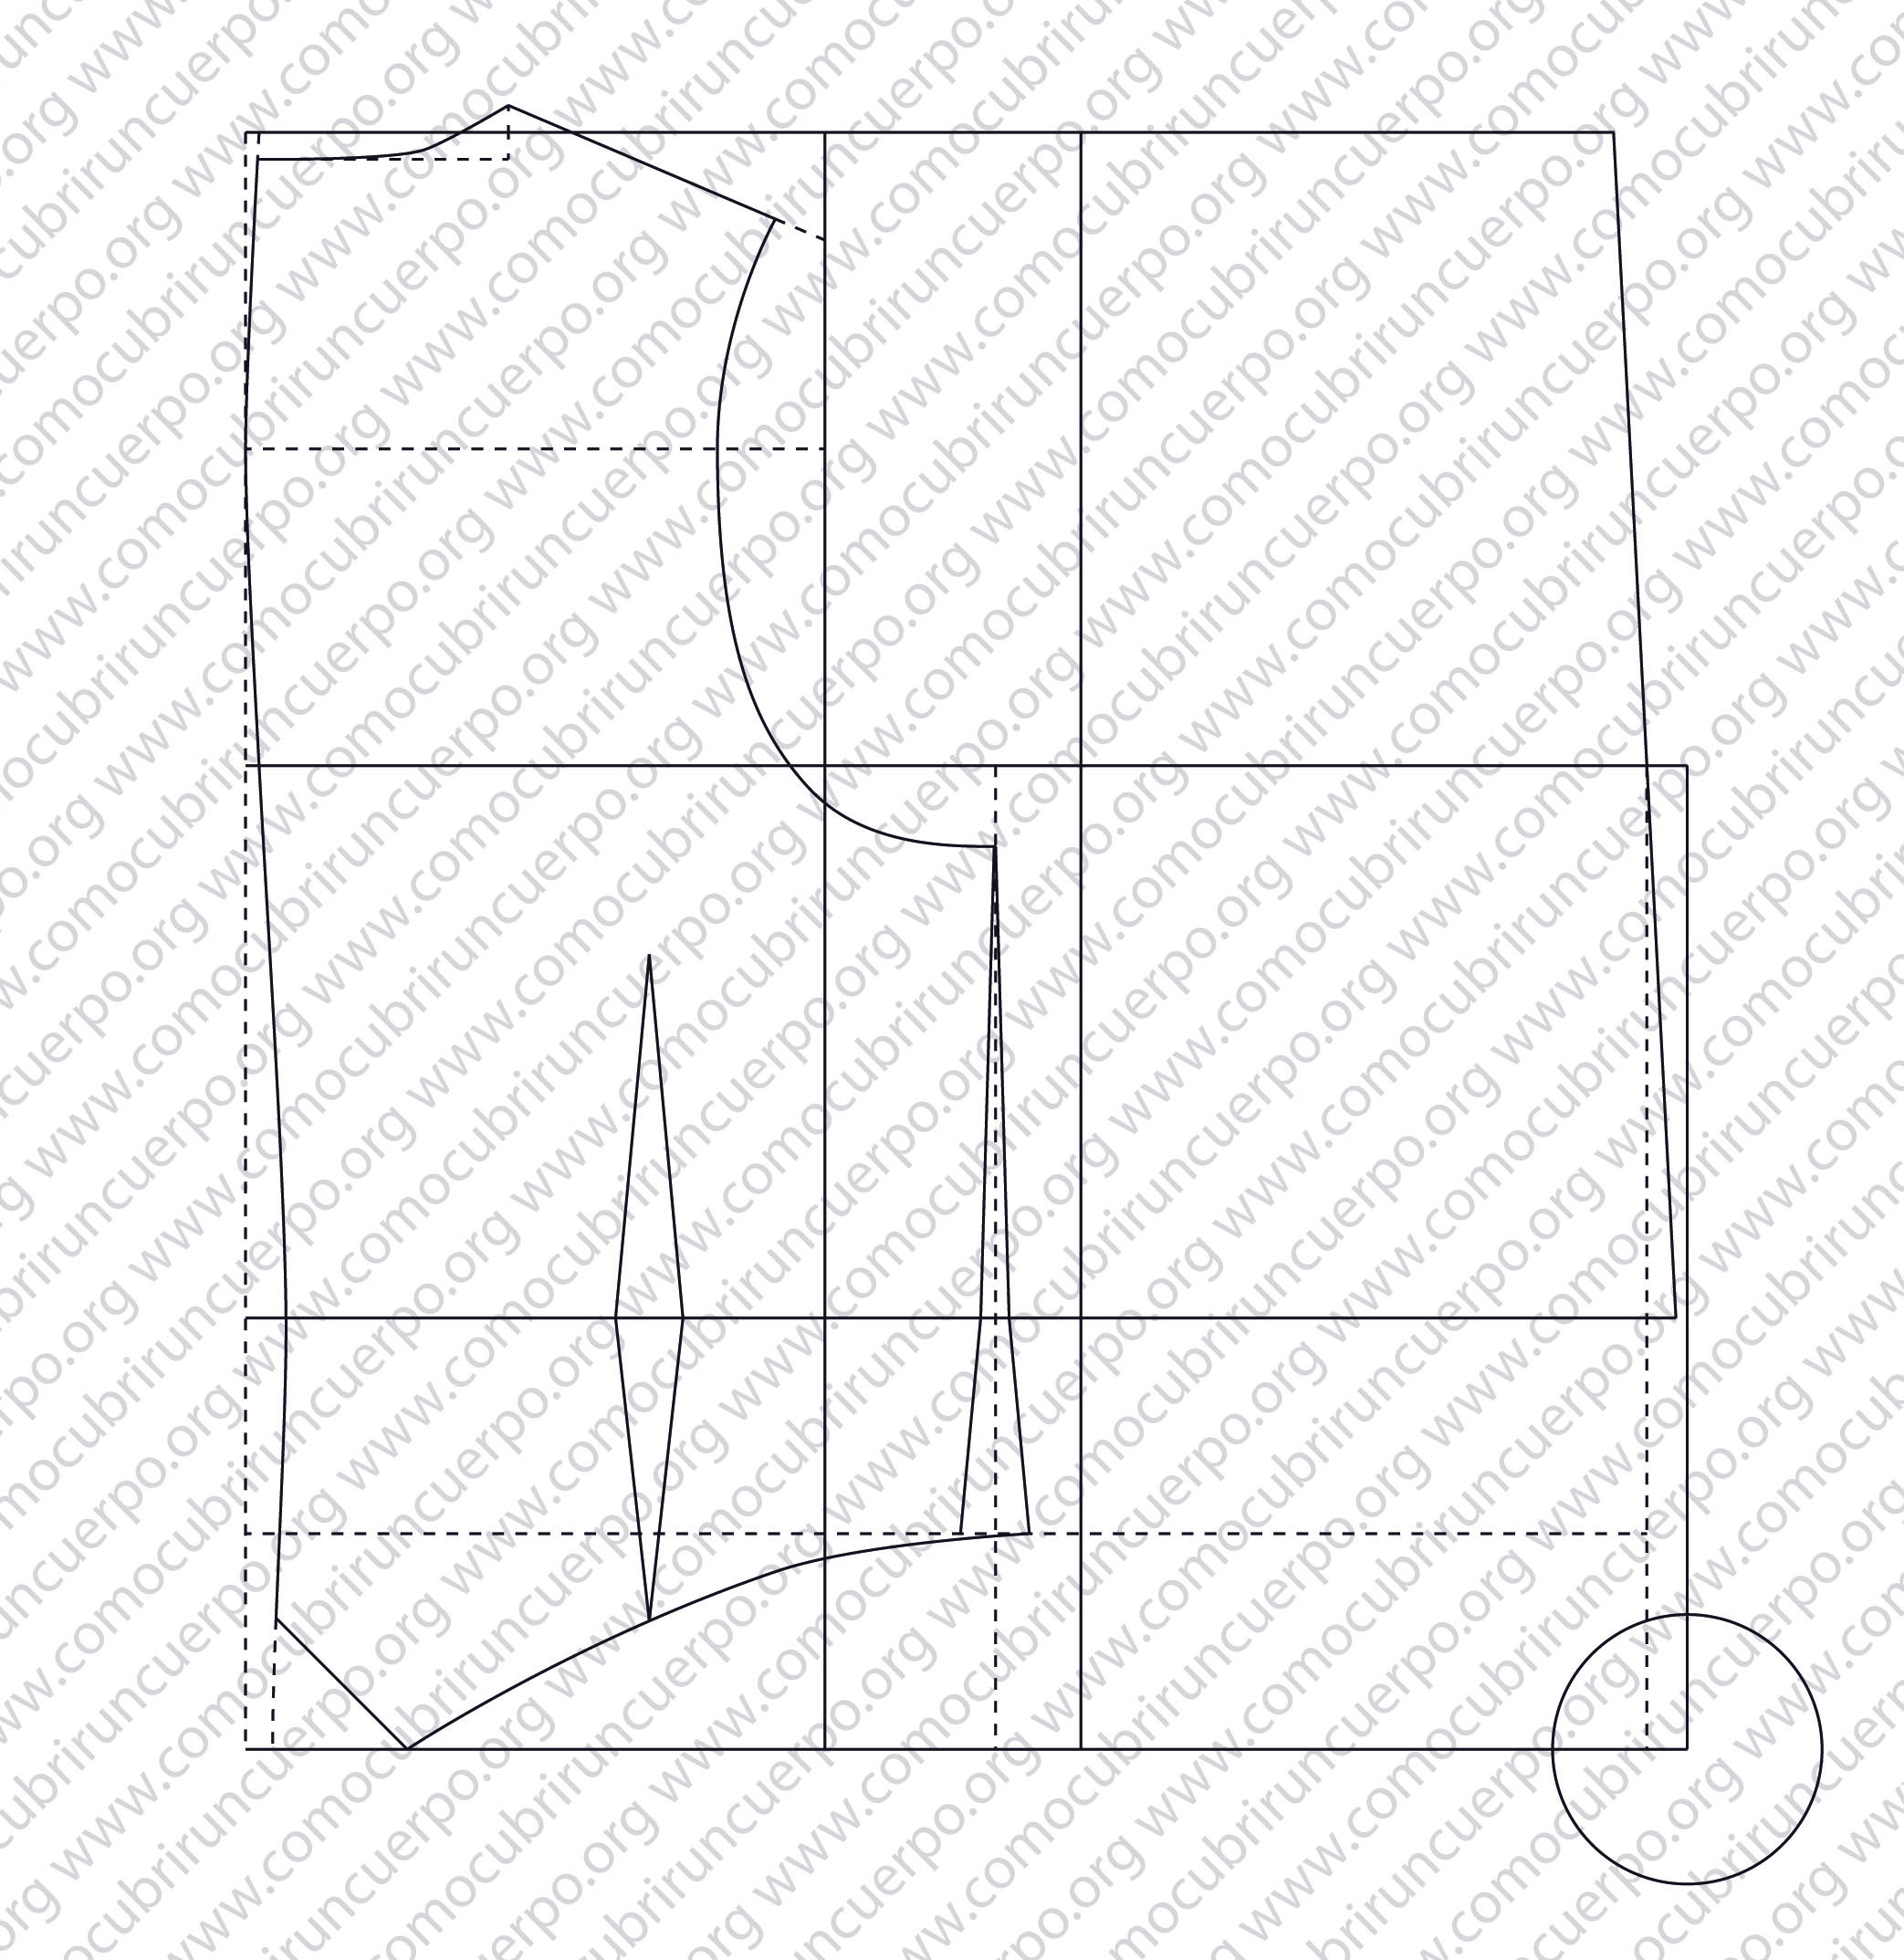 Trazado base del patrón del chaleco masculino | Cómo cubrir un cuerpo